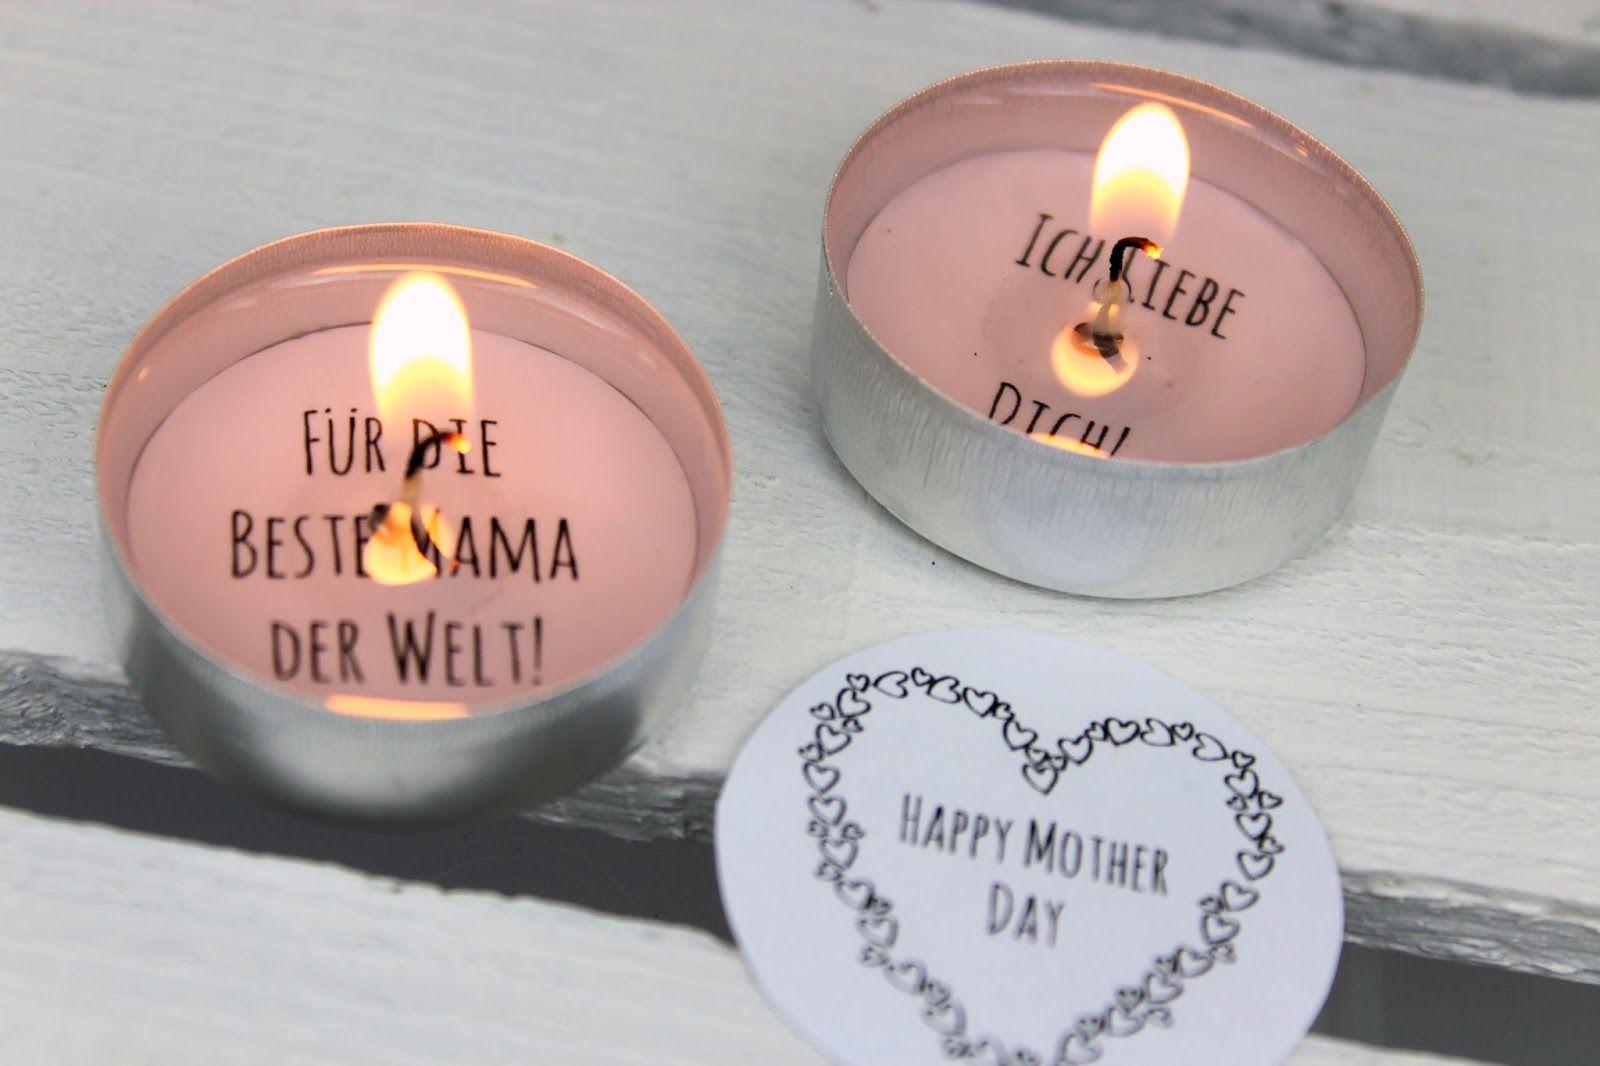 Geschenke Zum Muttertag Selber Machen : diy geschenk zum muttertag teelicht mit liebesbotschaft ~ Watch28wear.com Haus und Dekorationen